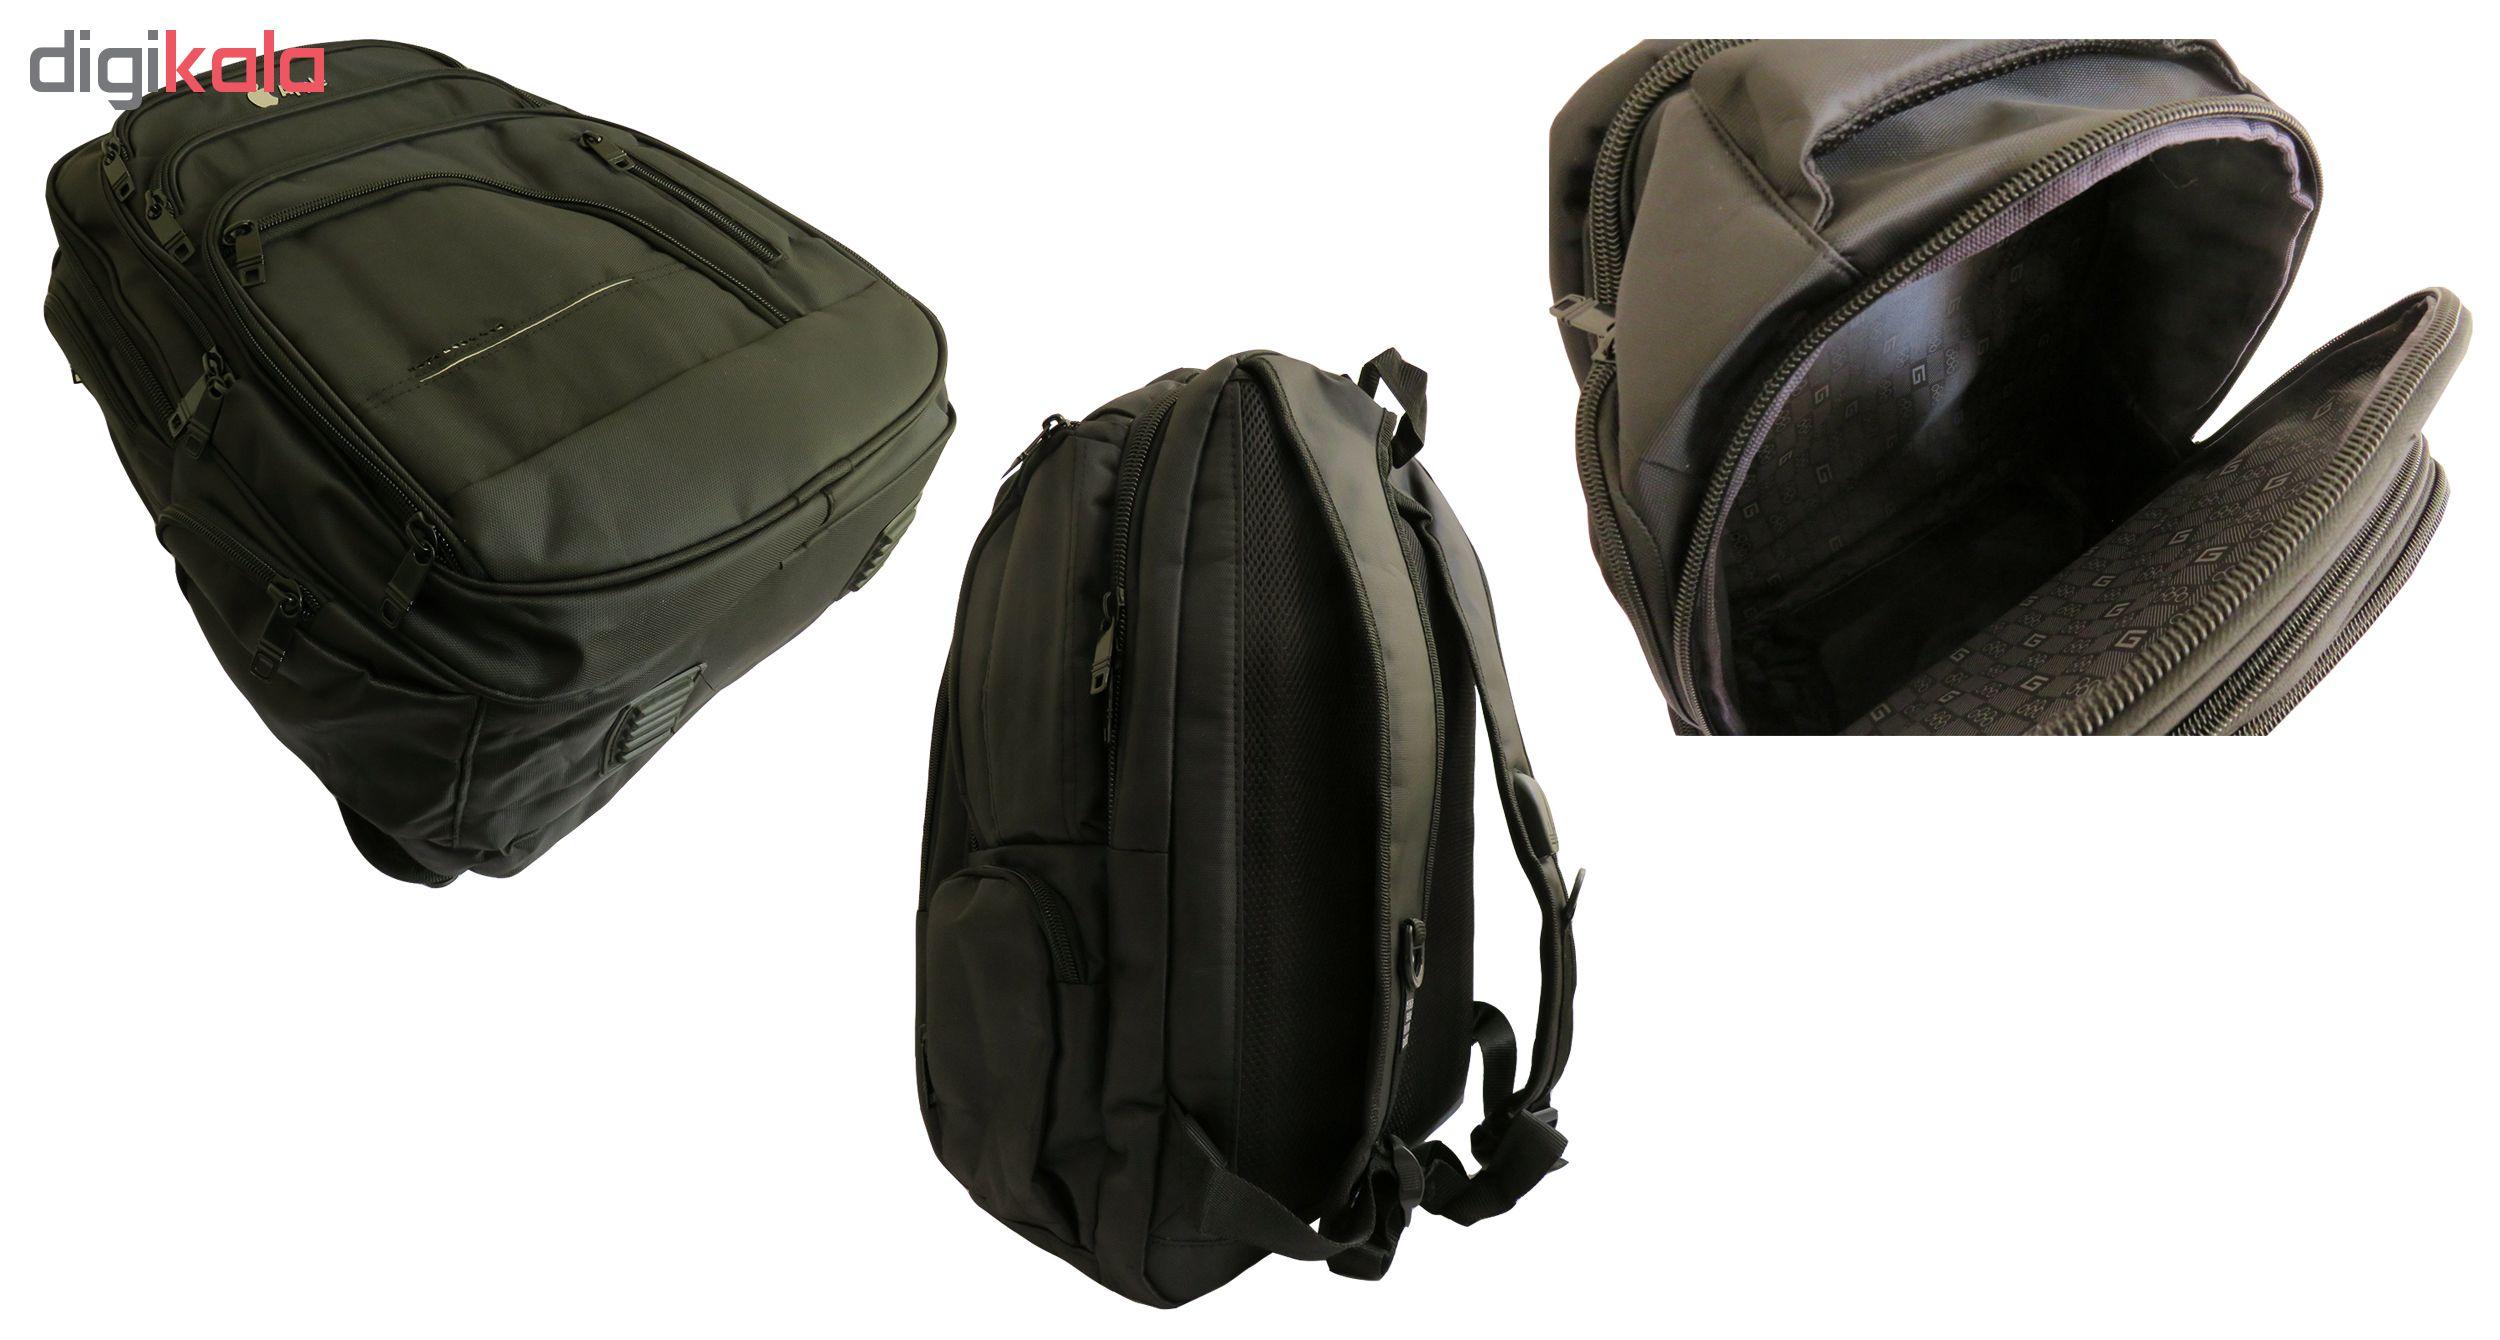 کوله پشتی لپ تاپ مدل A-001 مناسب برای لپ تاپ 15.6 اینچی